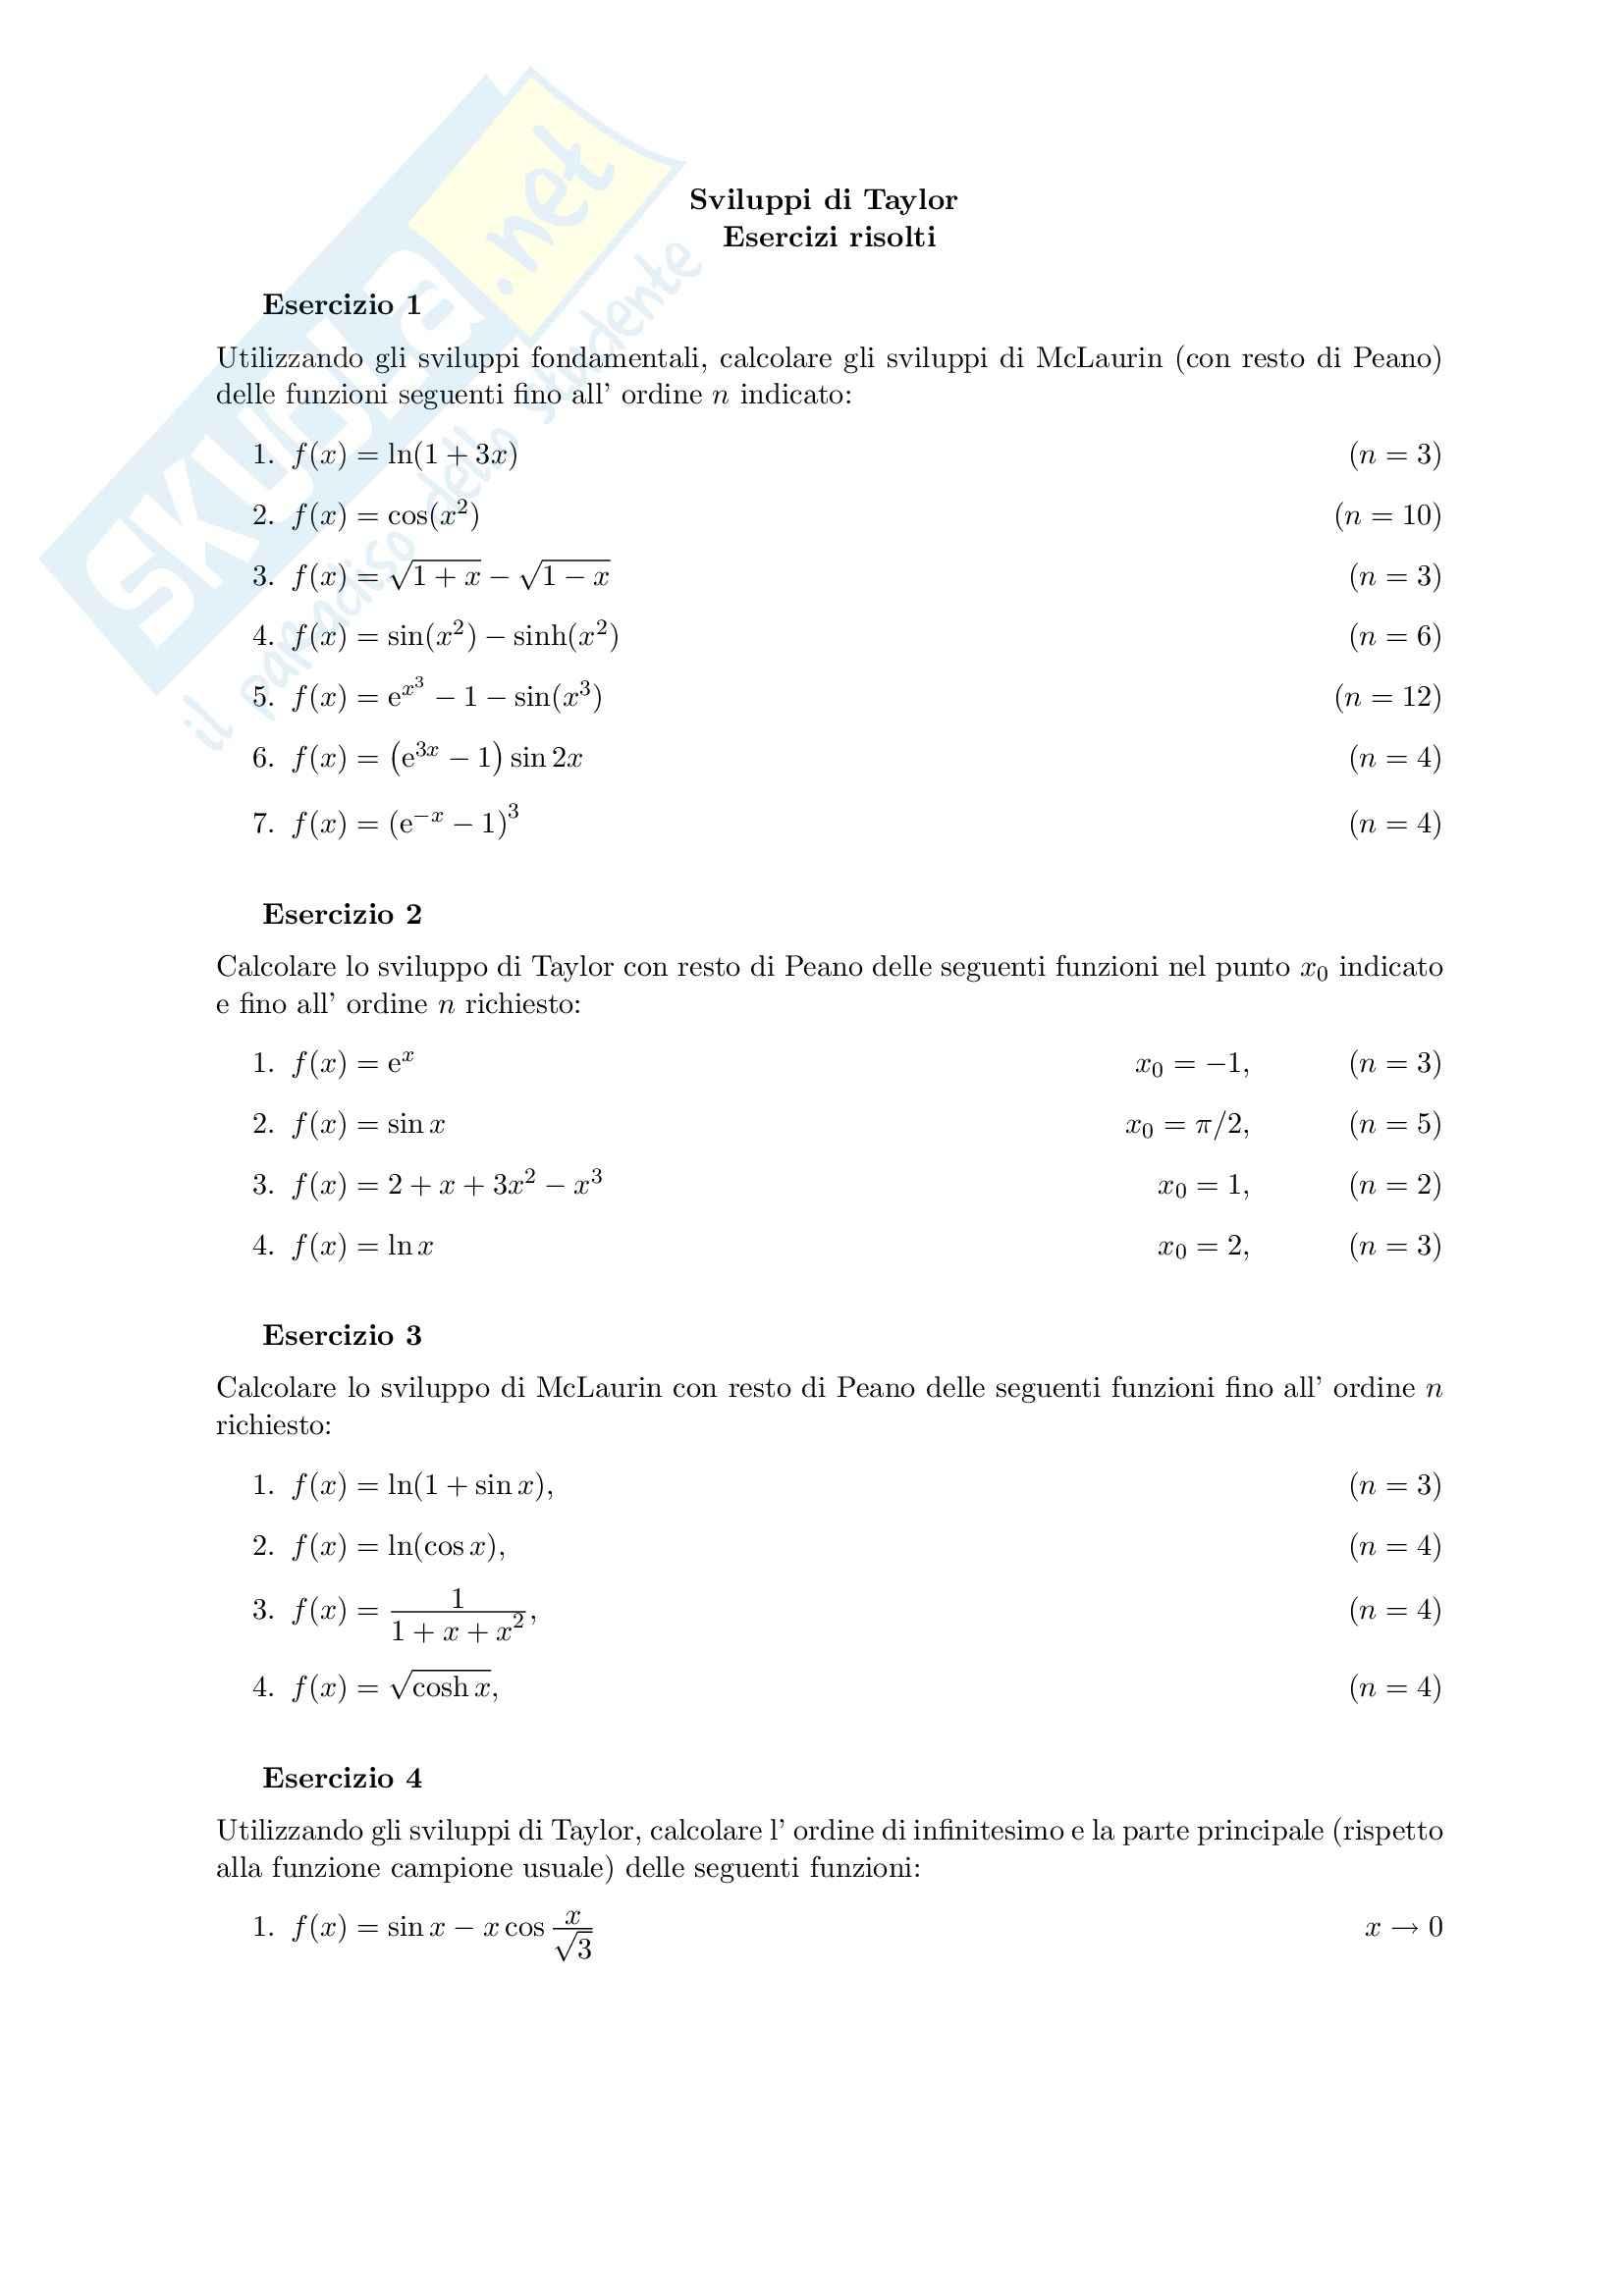 Analisi matematica I - esercizi sugli sviluppi di  Taylor